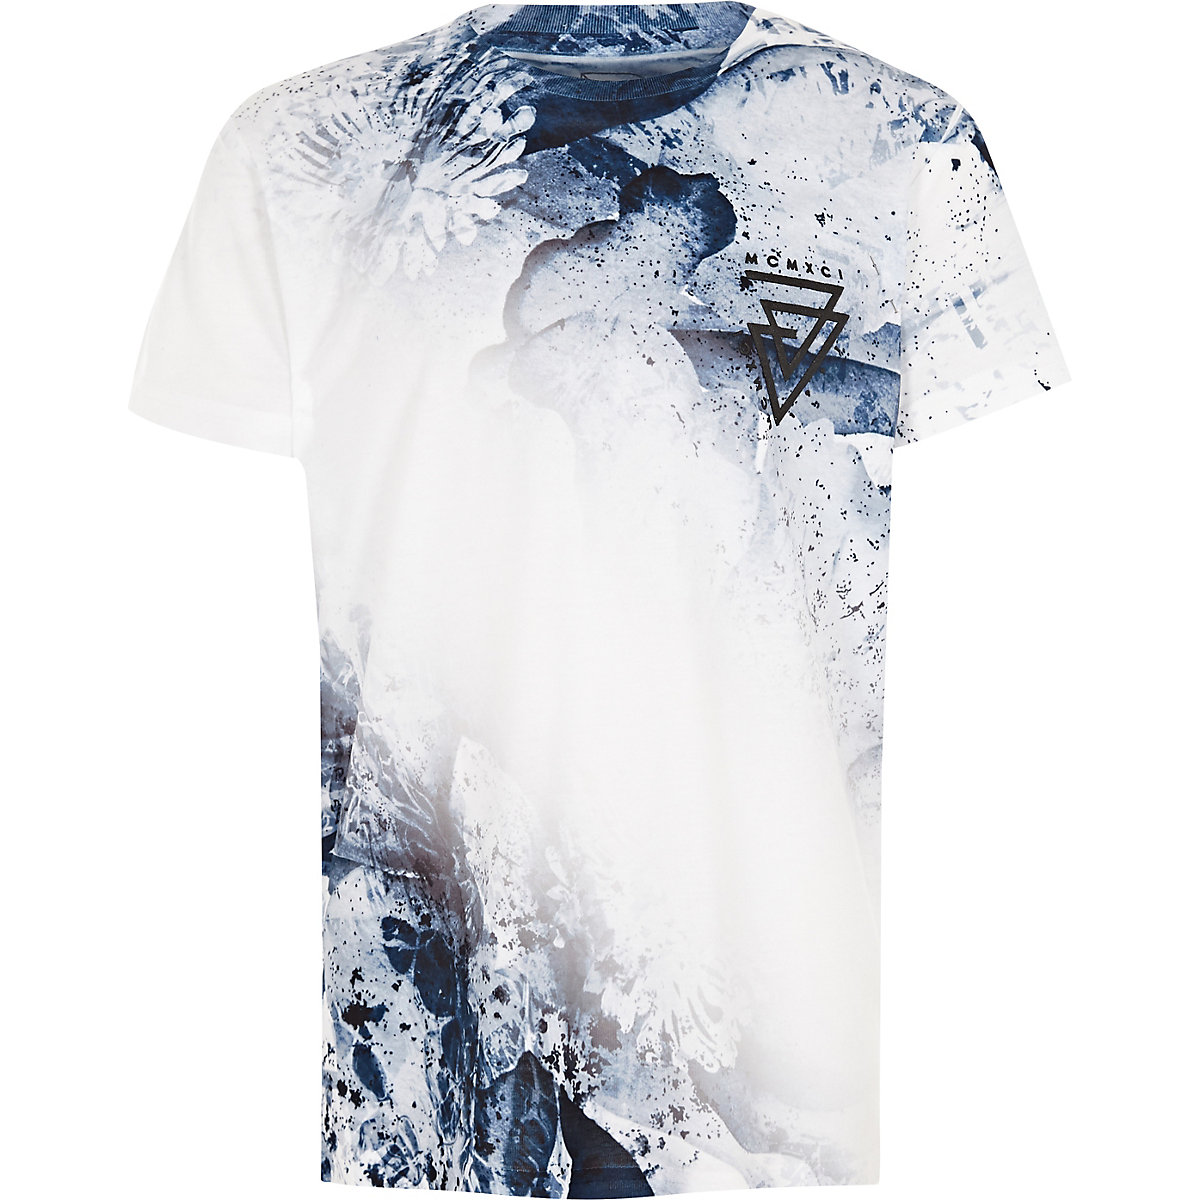 T-shirt motif taches de peinture bleu dégradé garçon